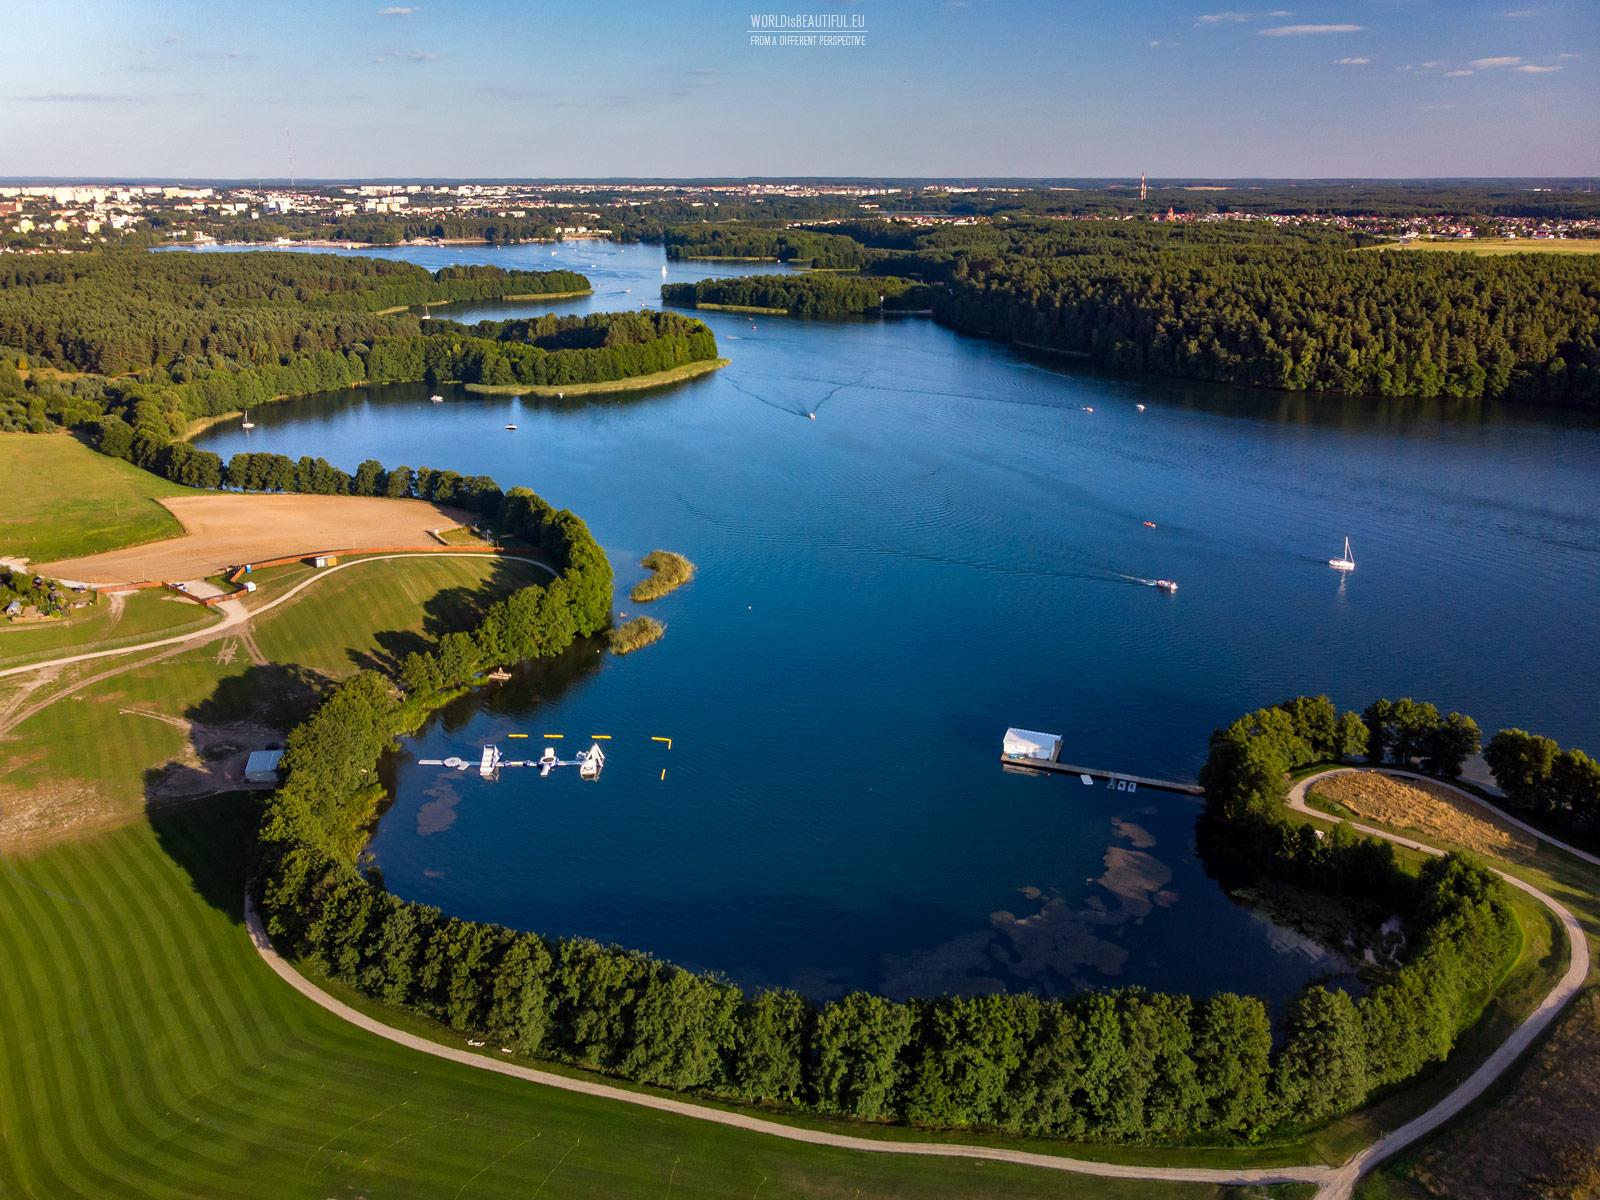 Ukiel Lake in Olsztyn